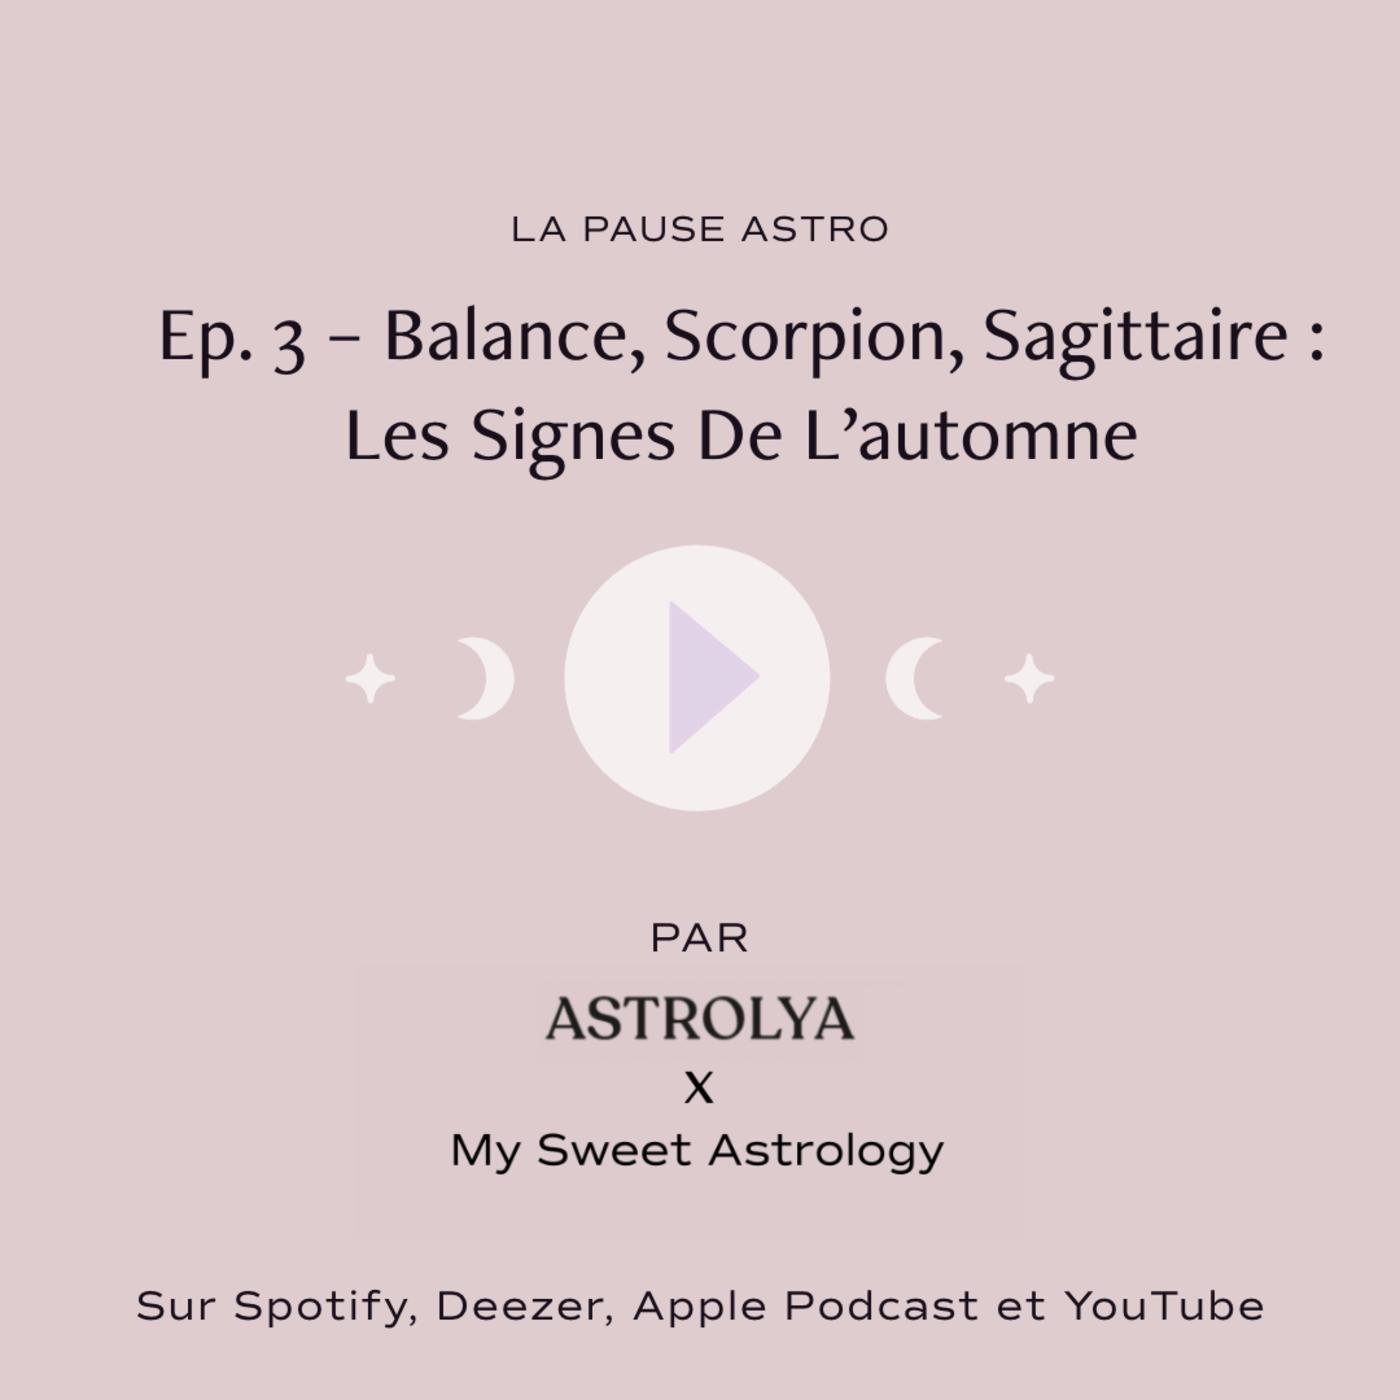 #LPA : Balance, Scorpion, Sagittaire